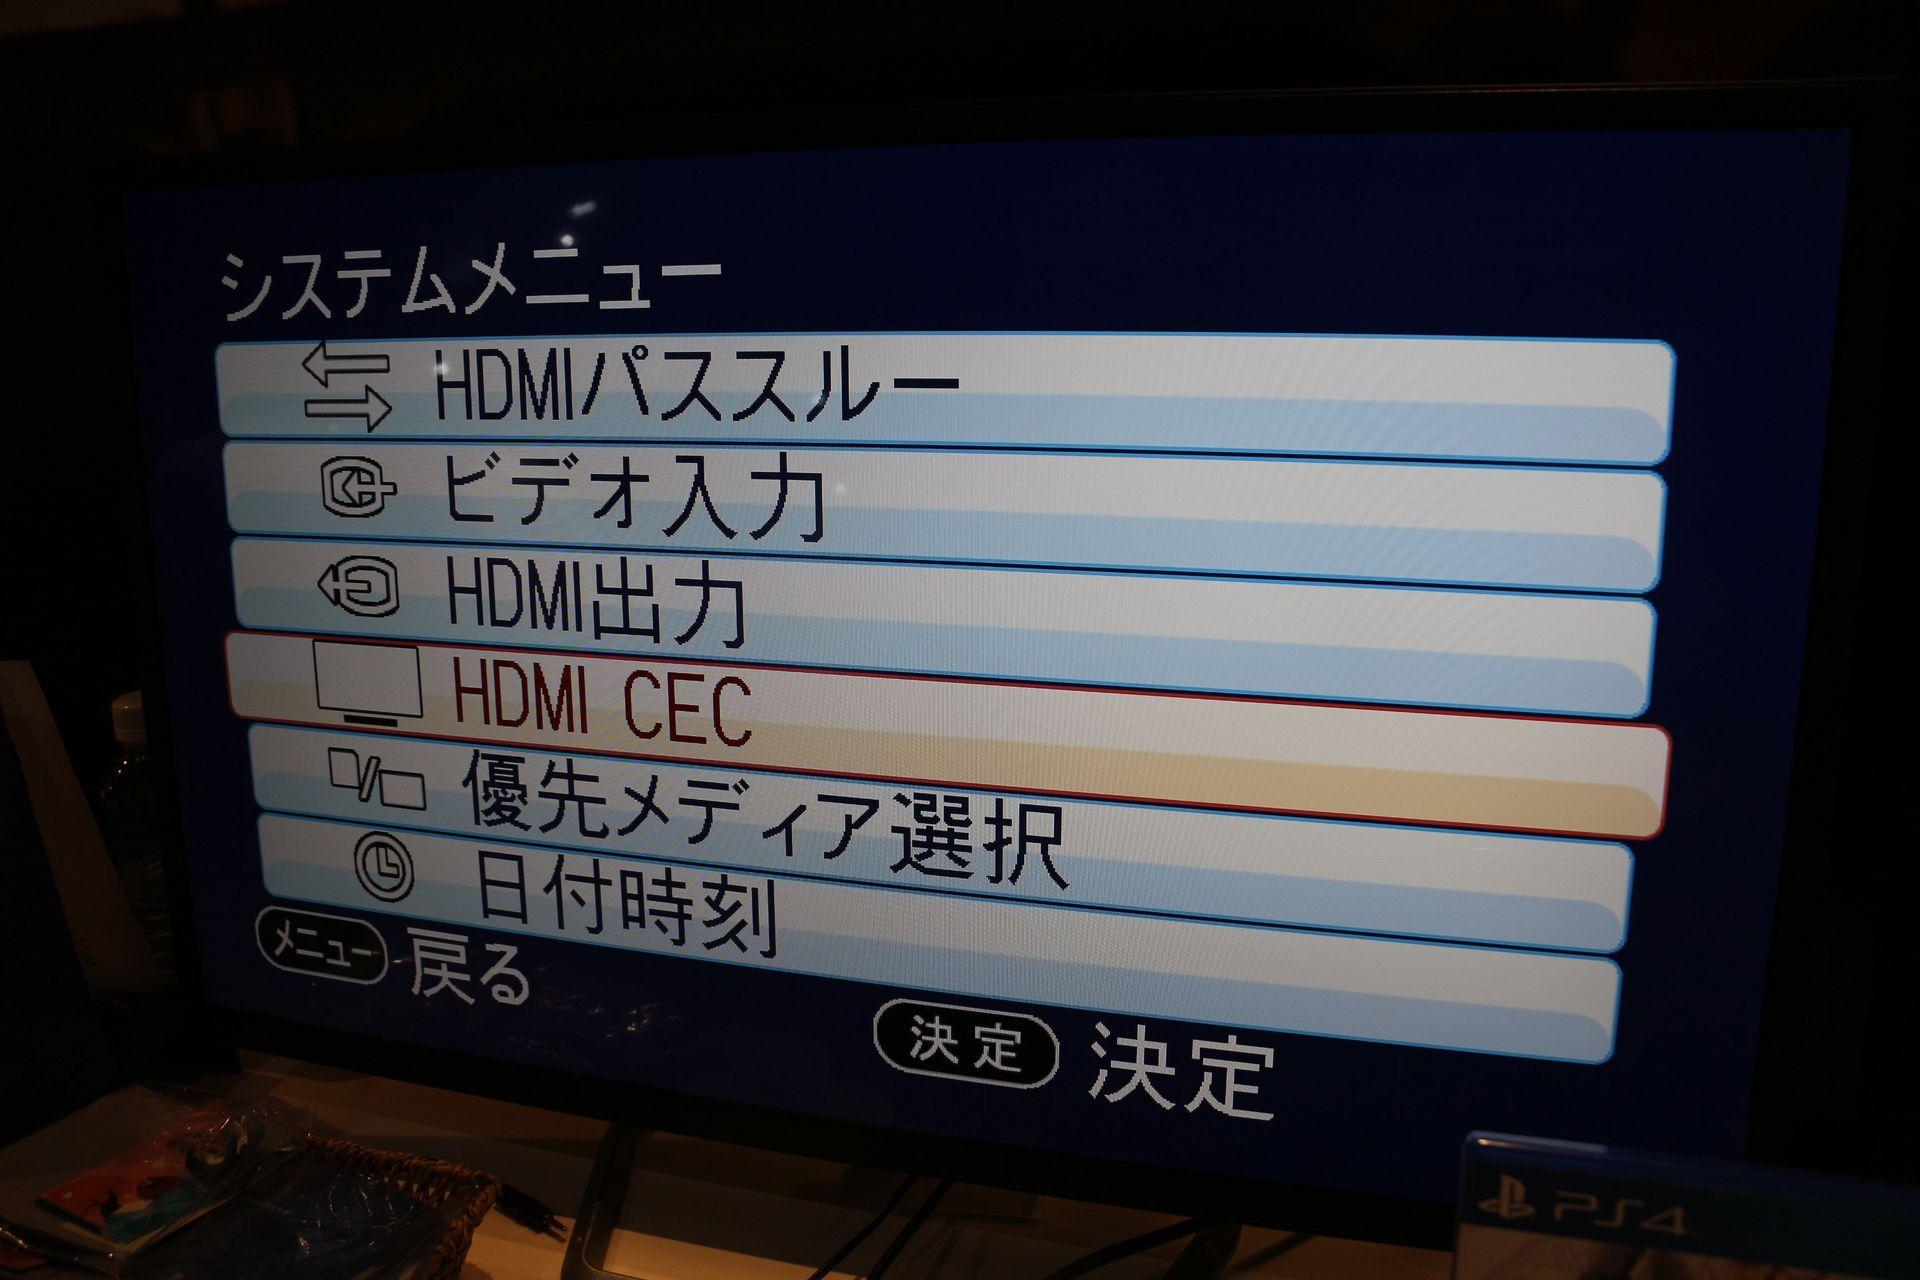 HDMI CECに対応しており、対応TVであれば手元のリモコンでも操作できるのが嬉しい